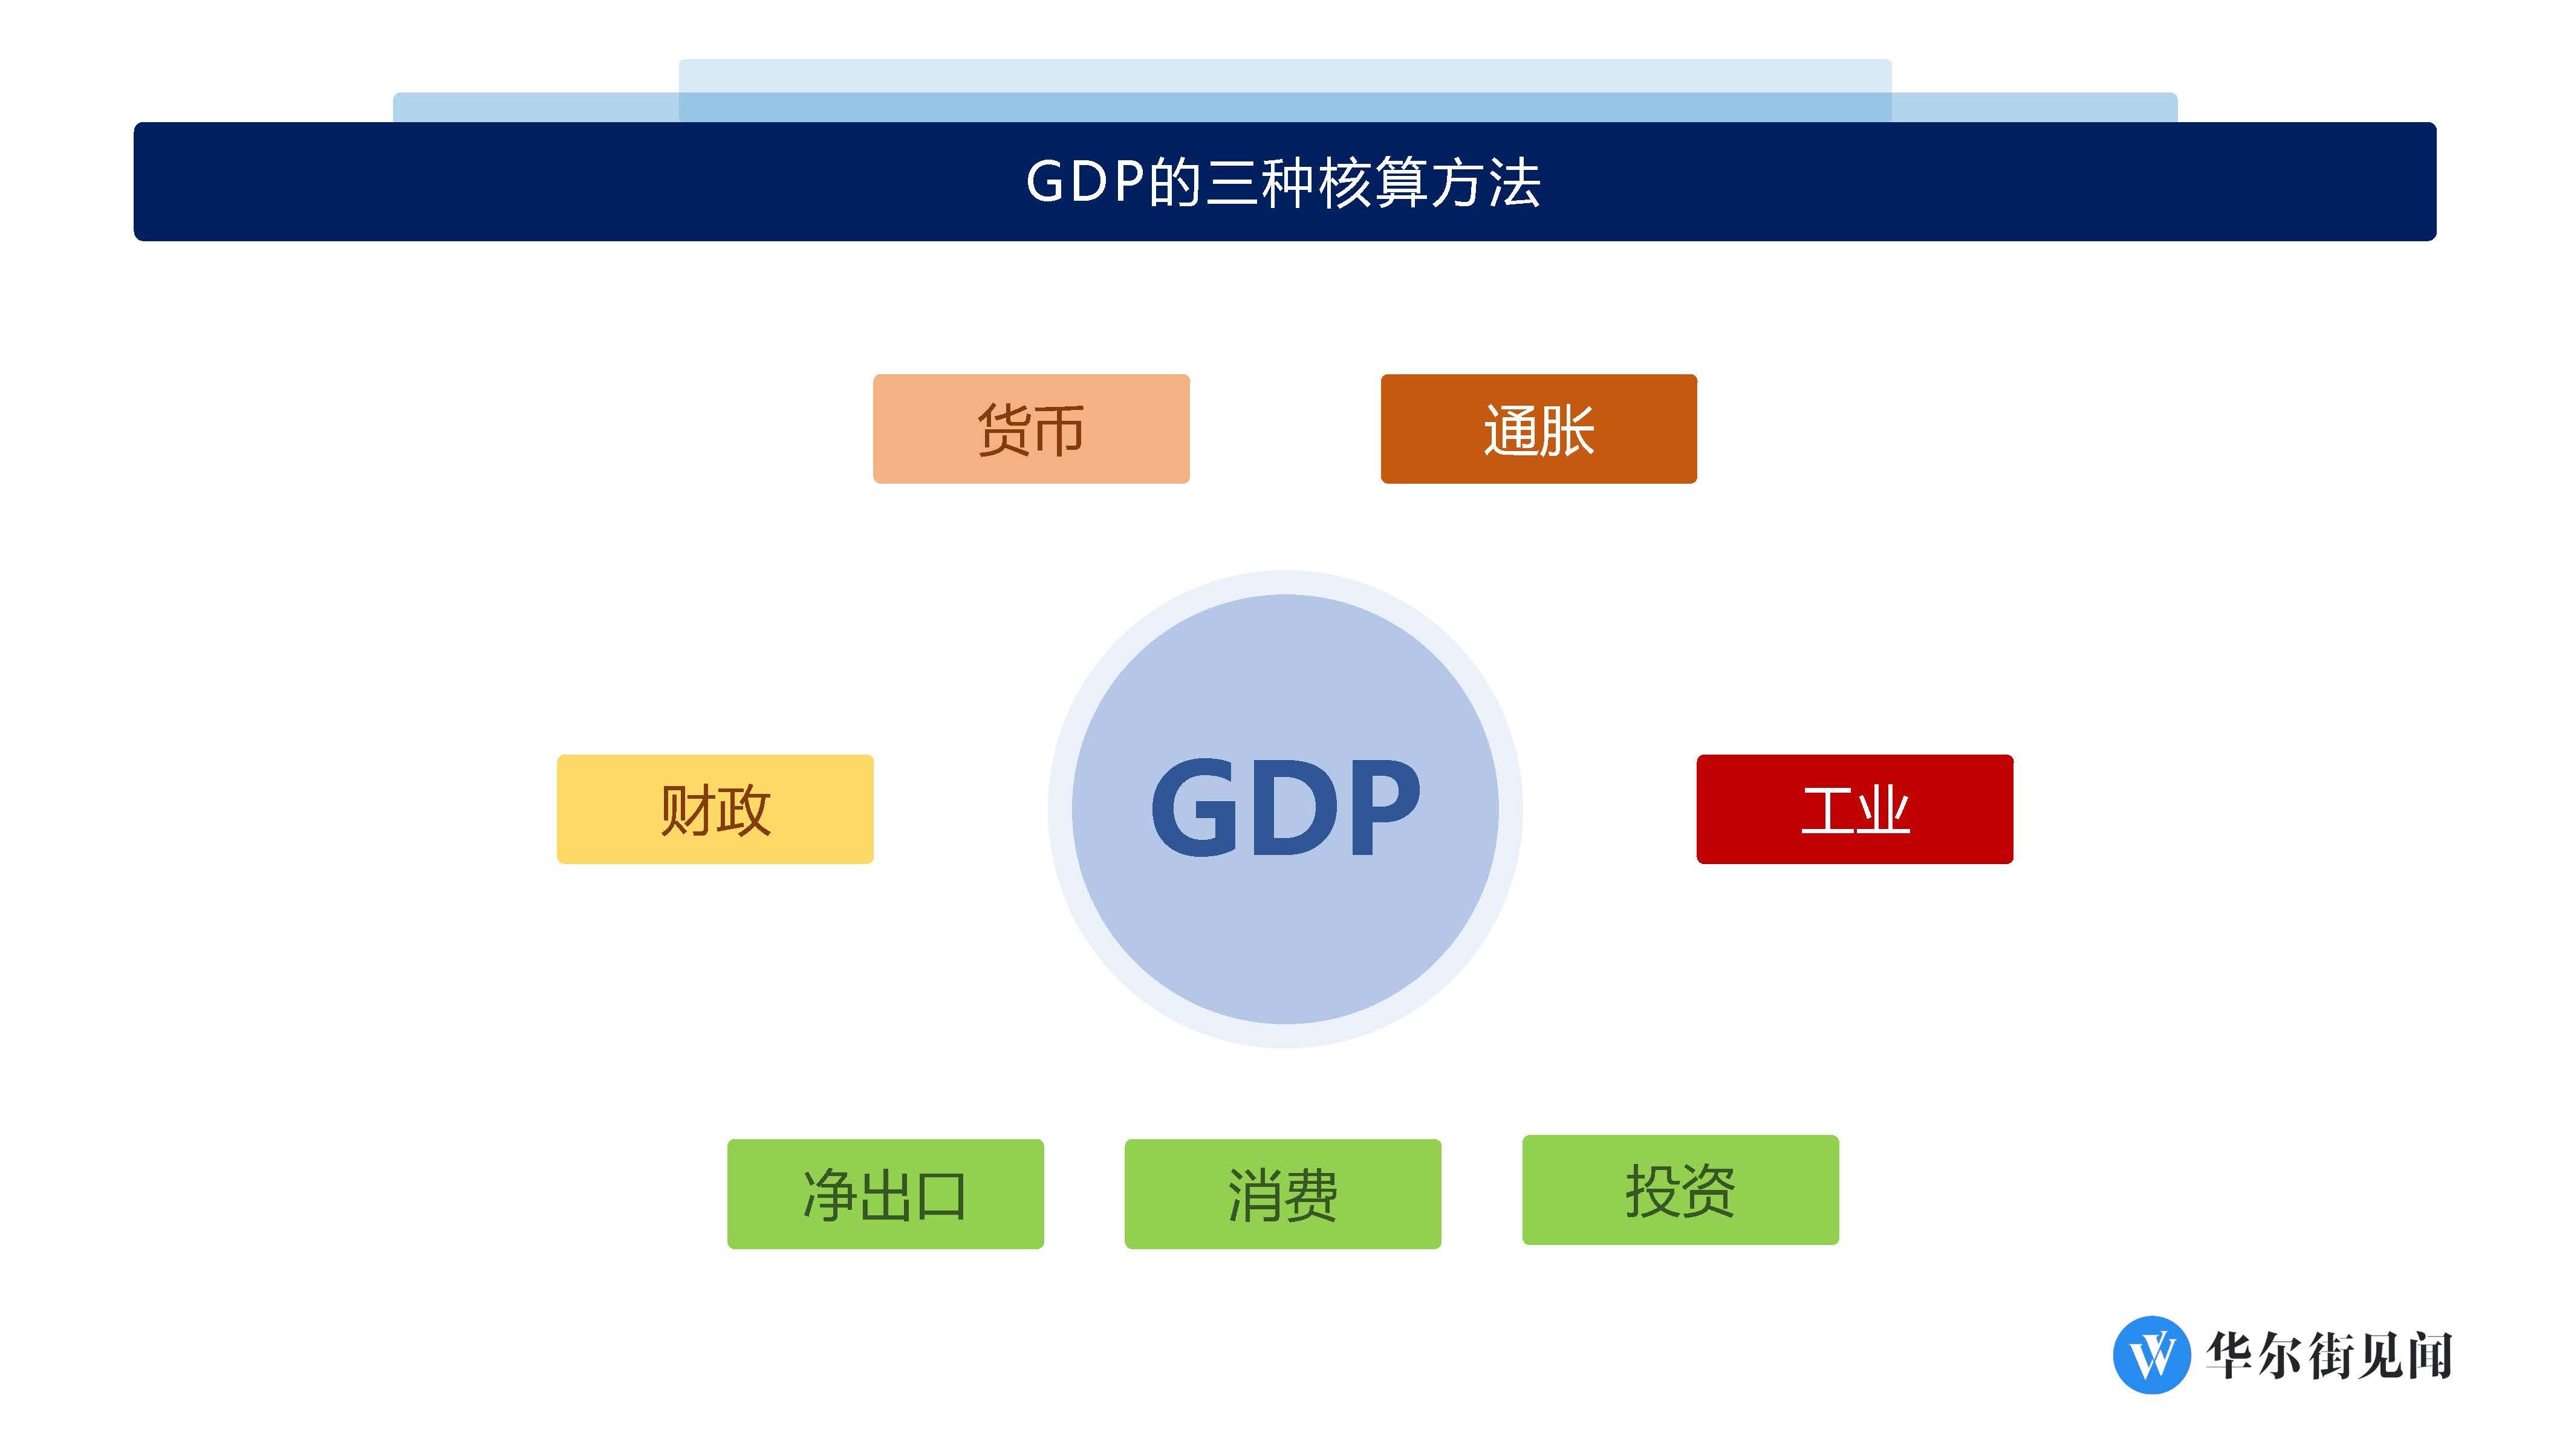 gdp是什么意思_gdp什么意思